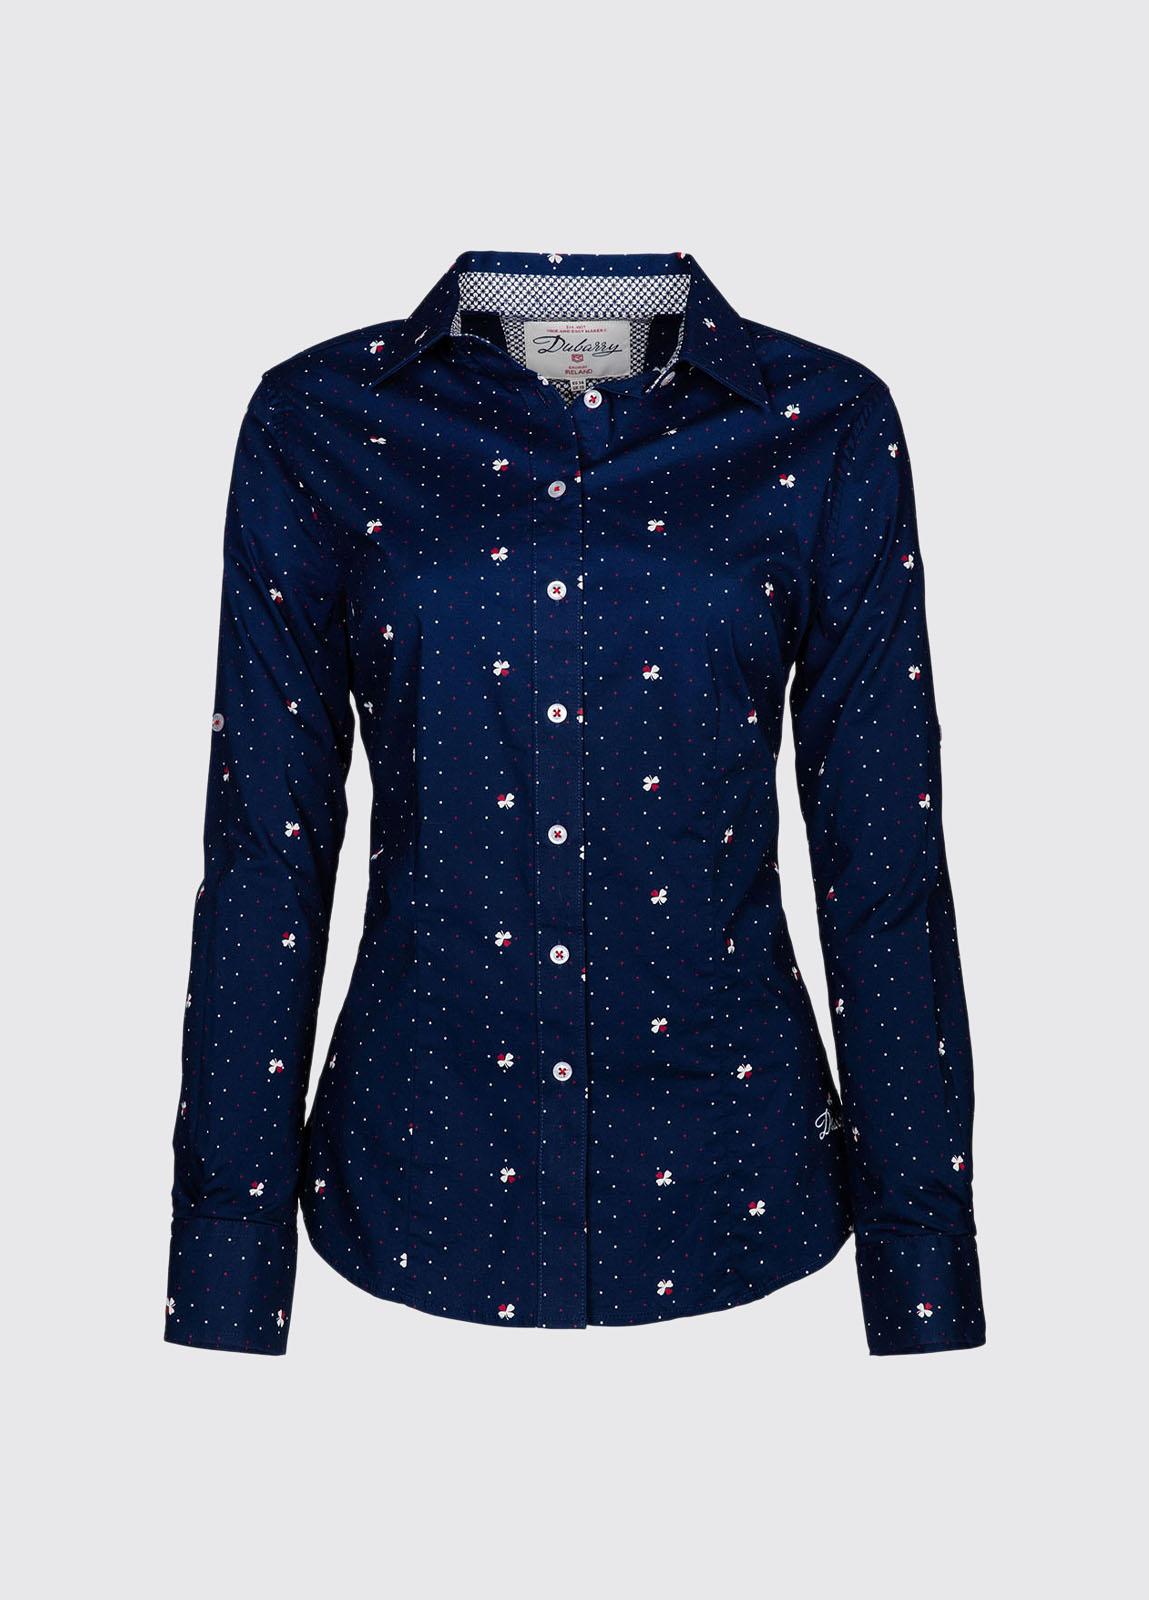 Azalea Printed Shirt - Navy